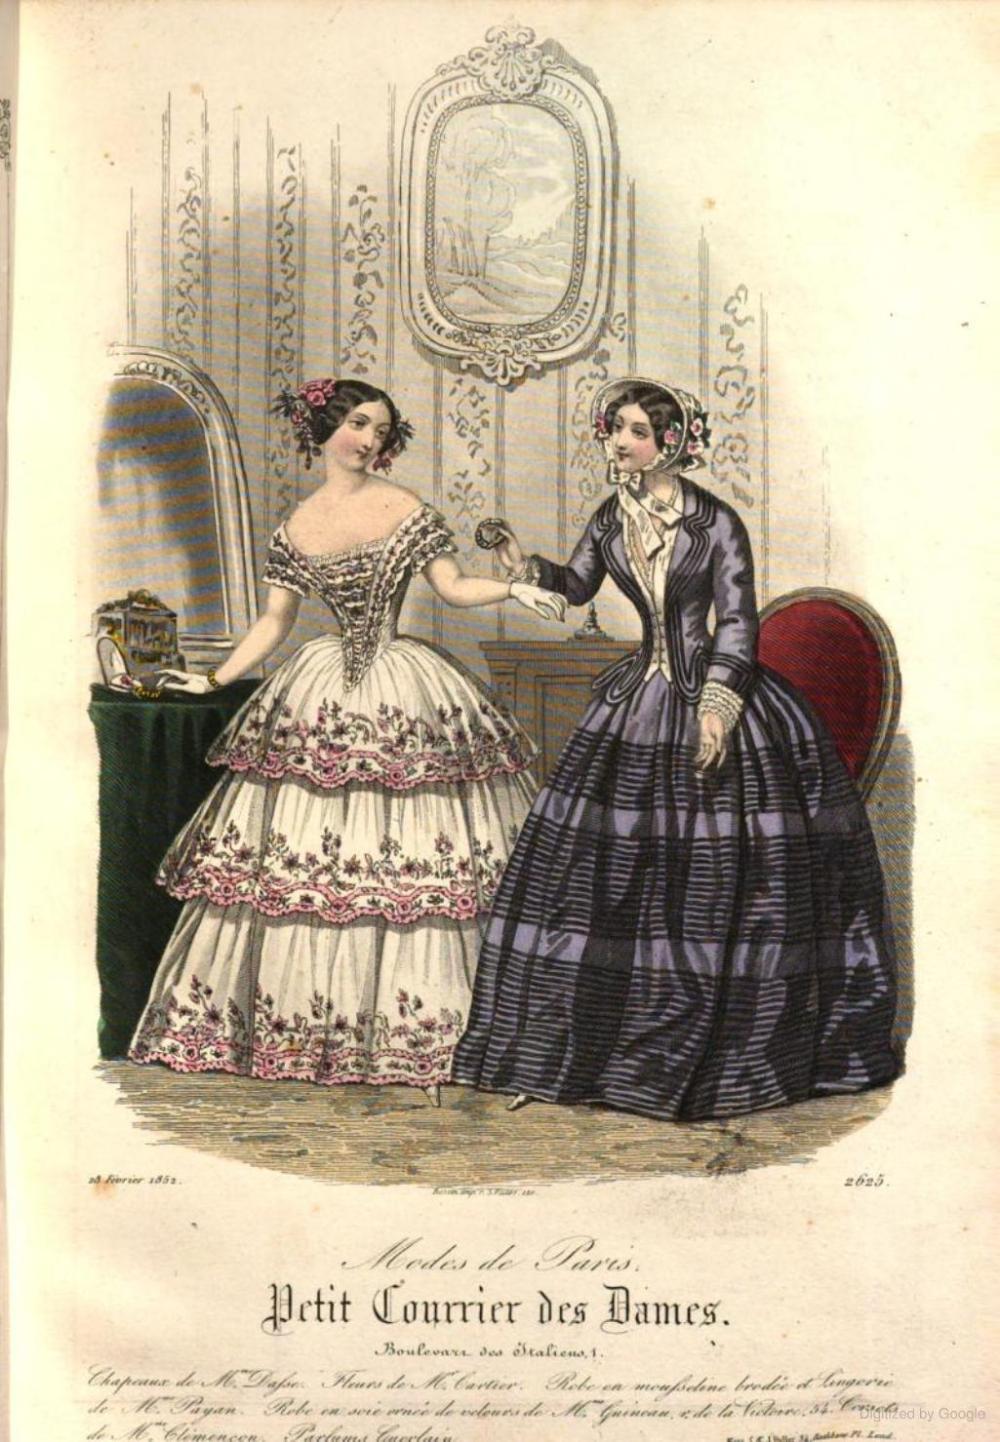 Petit Courrier Des Dames 1852 Journal Des Modes Google Books Fashion Illustration Vintage 1850s Fashion Historical Fashion